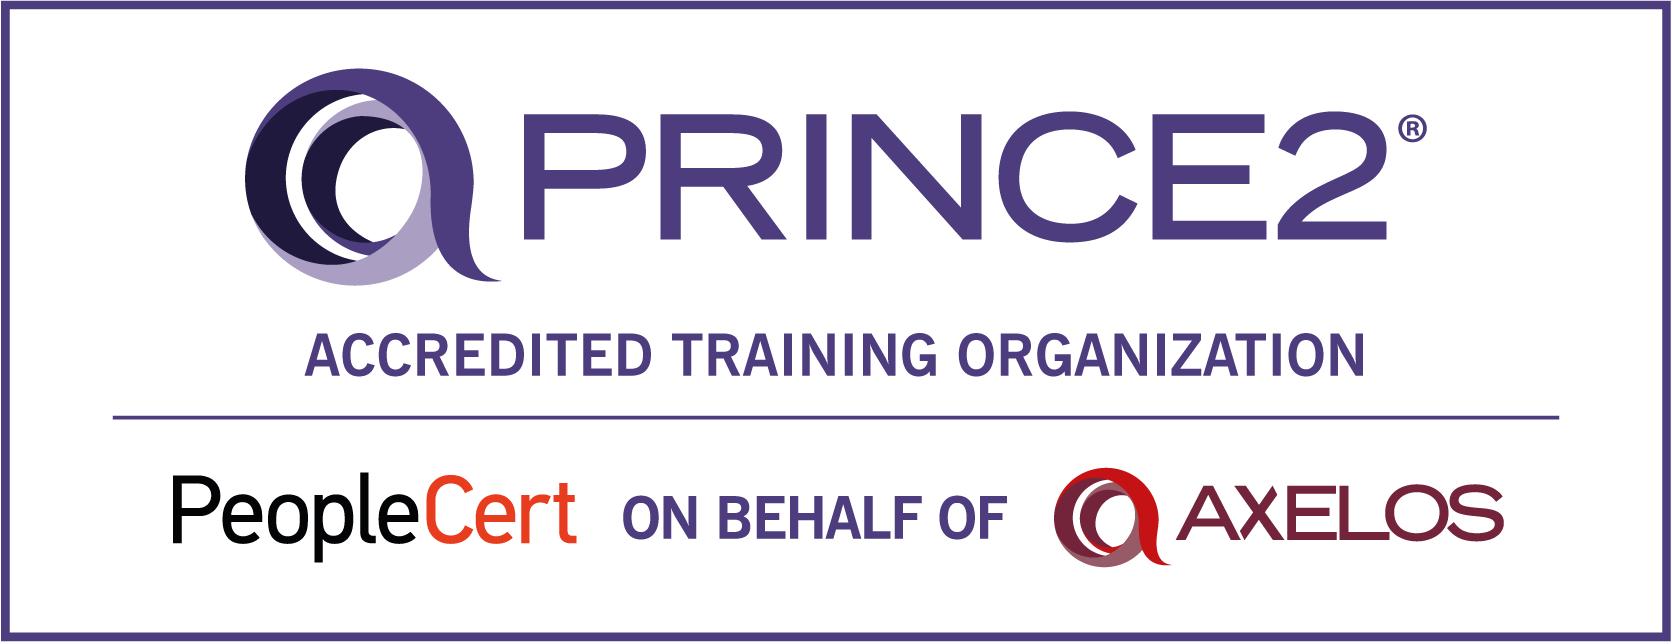 prince2 certificazione e formazione PRINCE2 6th edition